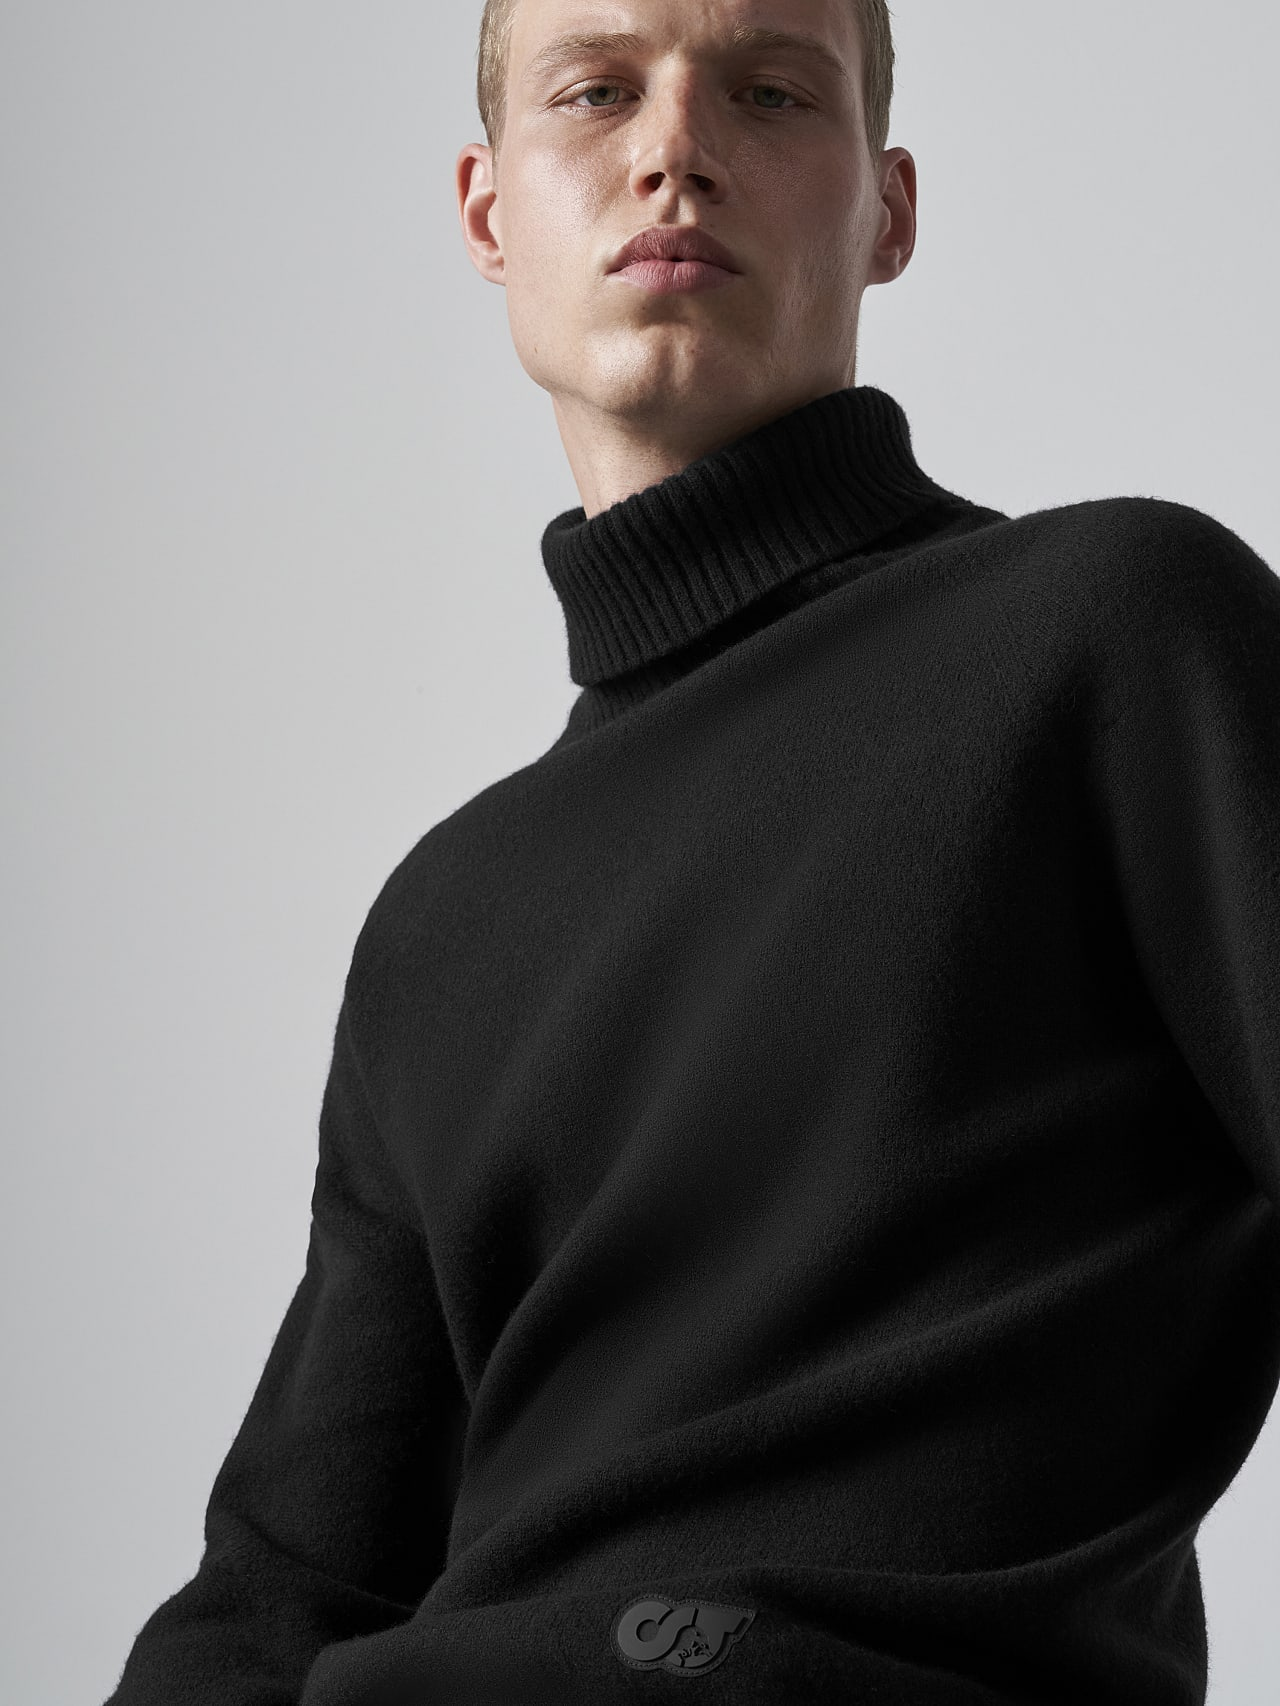 FLUCK V2.Y5.02 Seamless 3D Knit Cashmere-Blend Turtle Neck black Extra Alpha Tauri